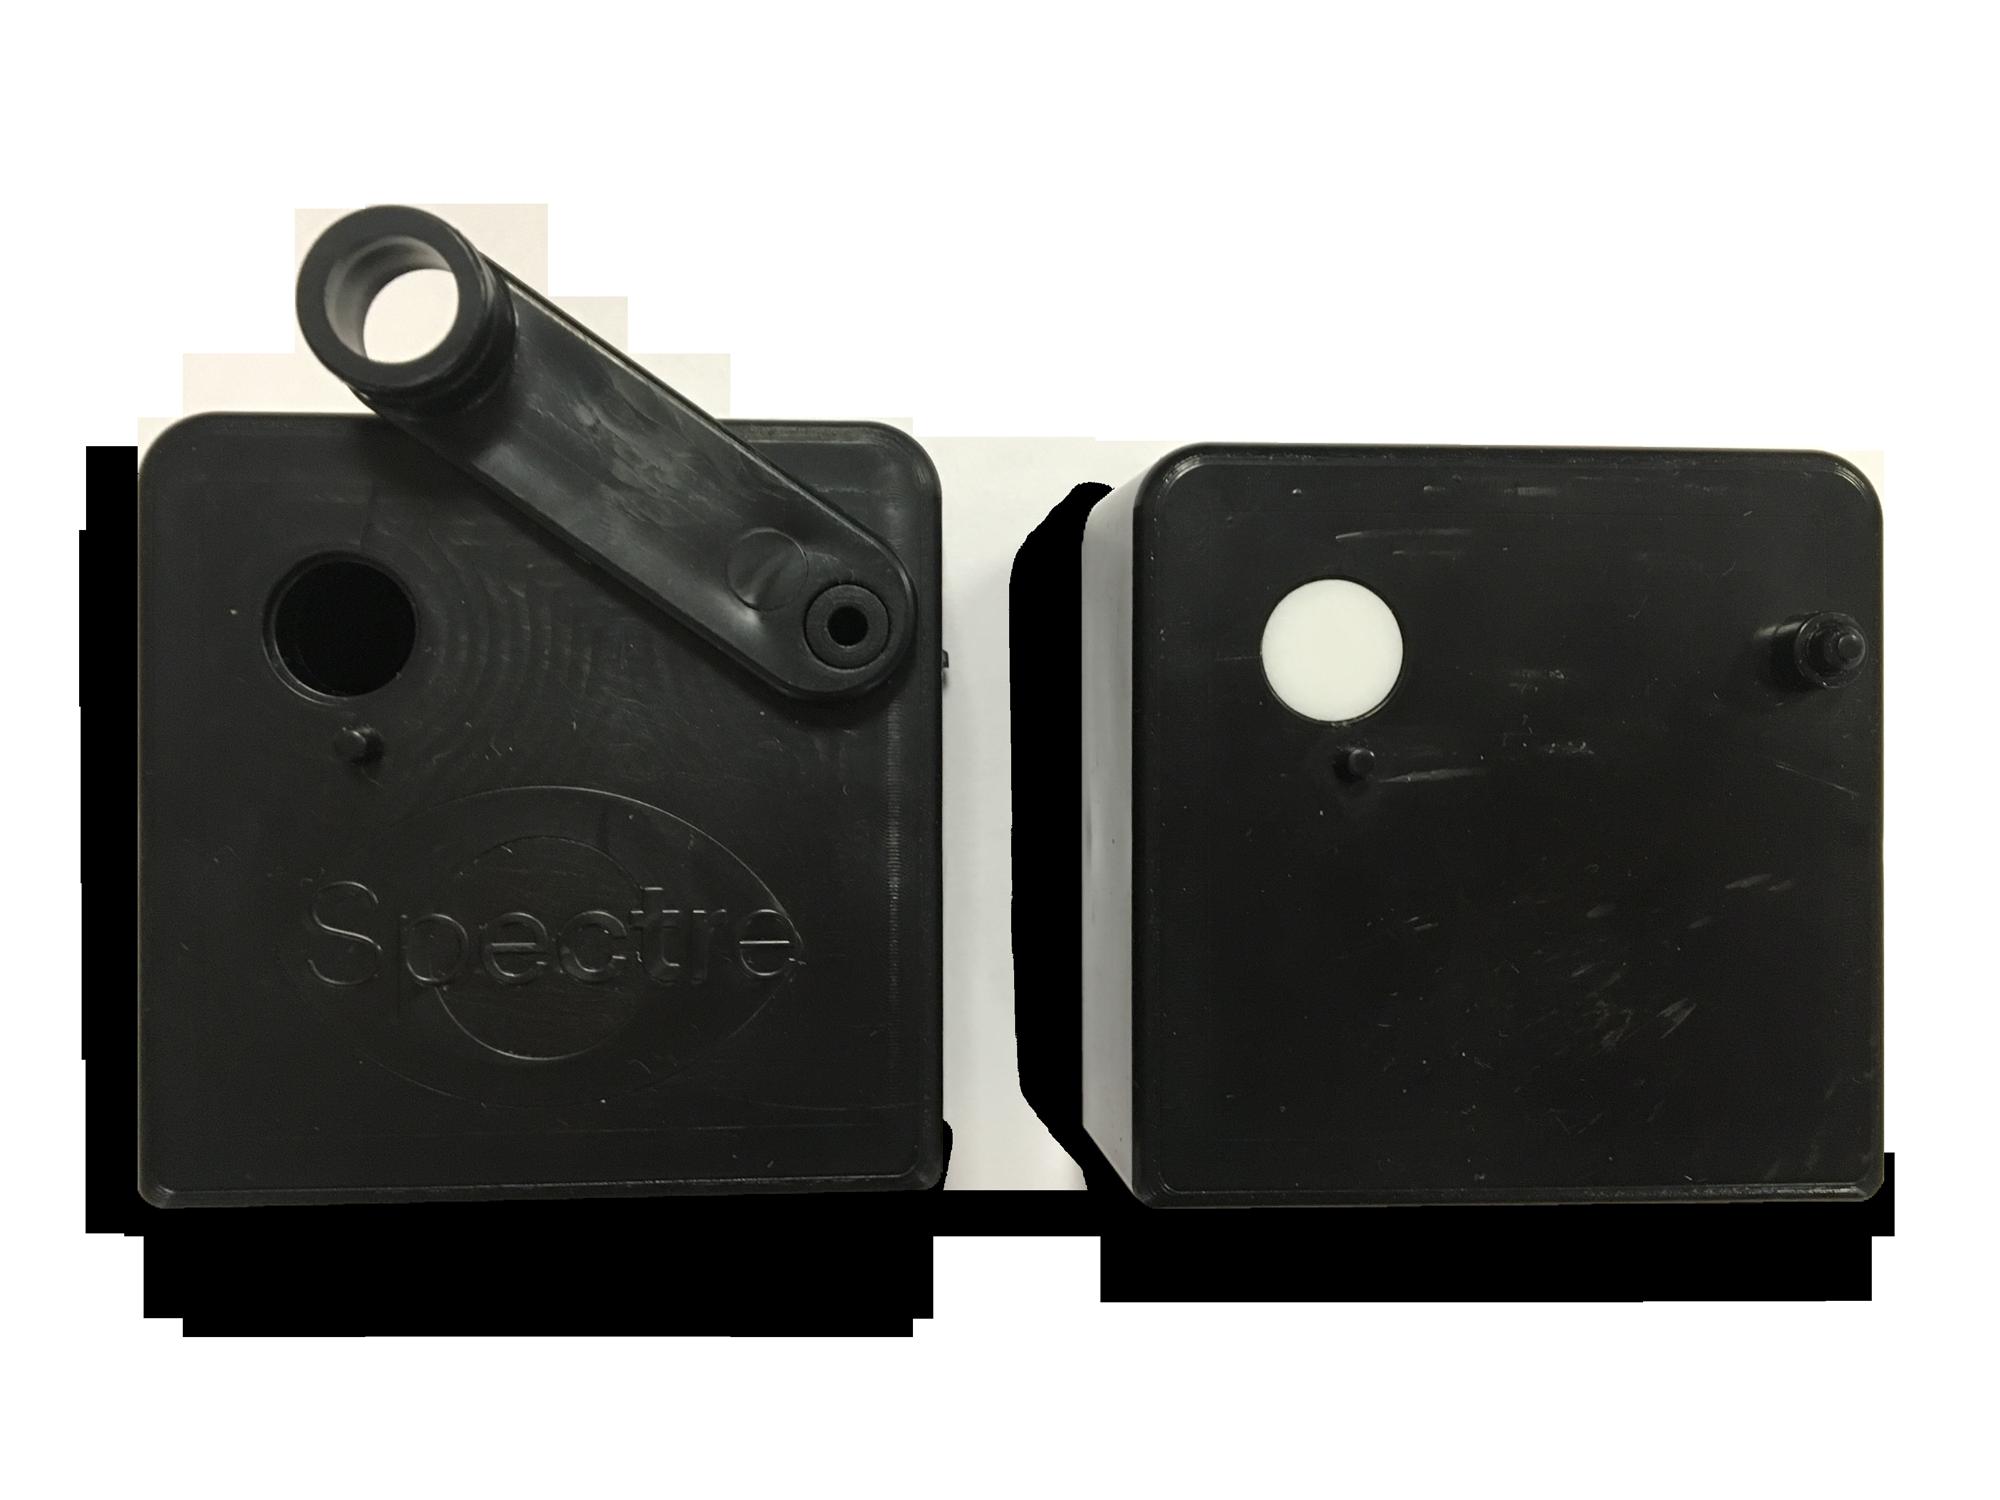 Spectre: Nuovo sistema di monitoraggio e cattura per topi e ratti